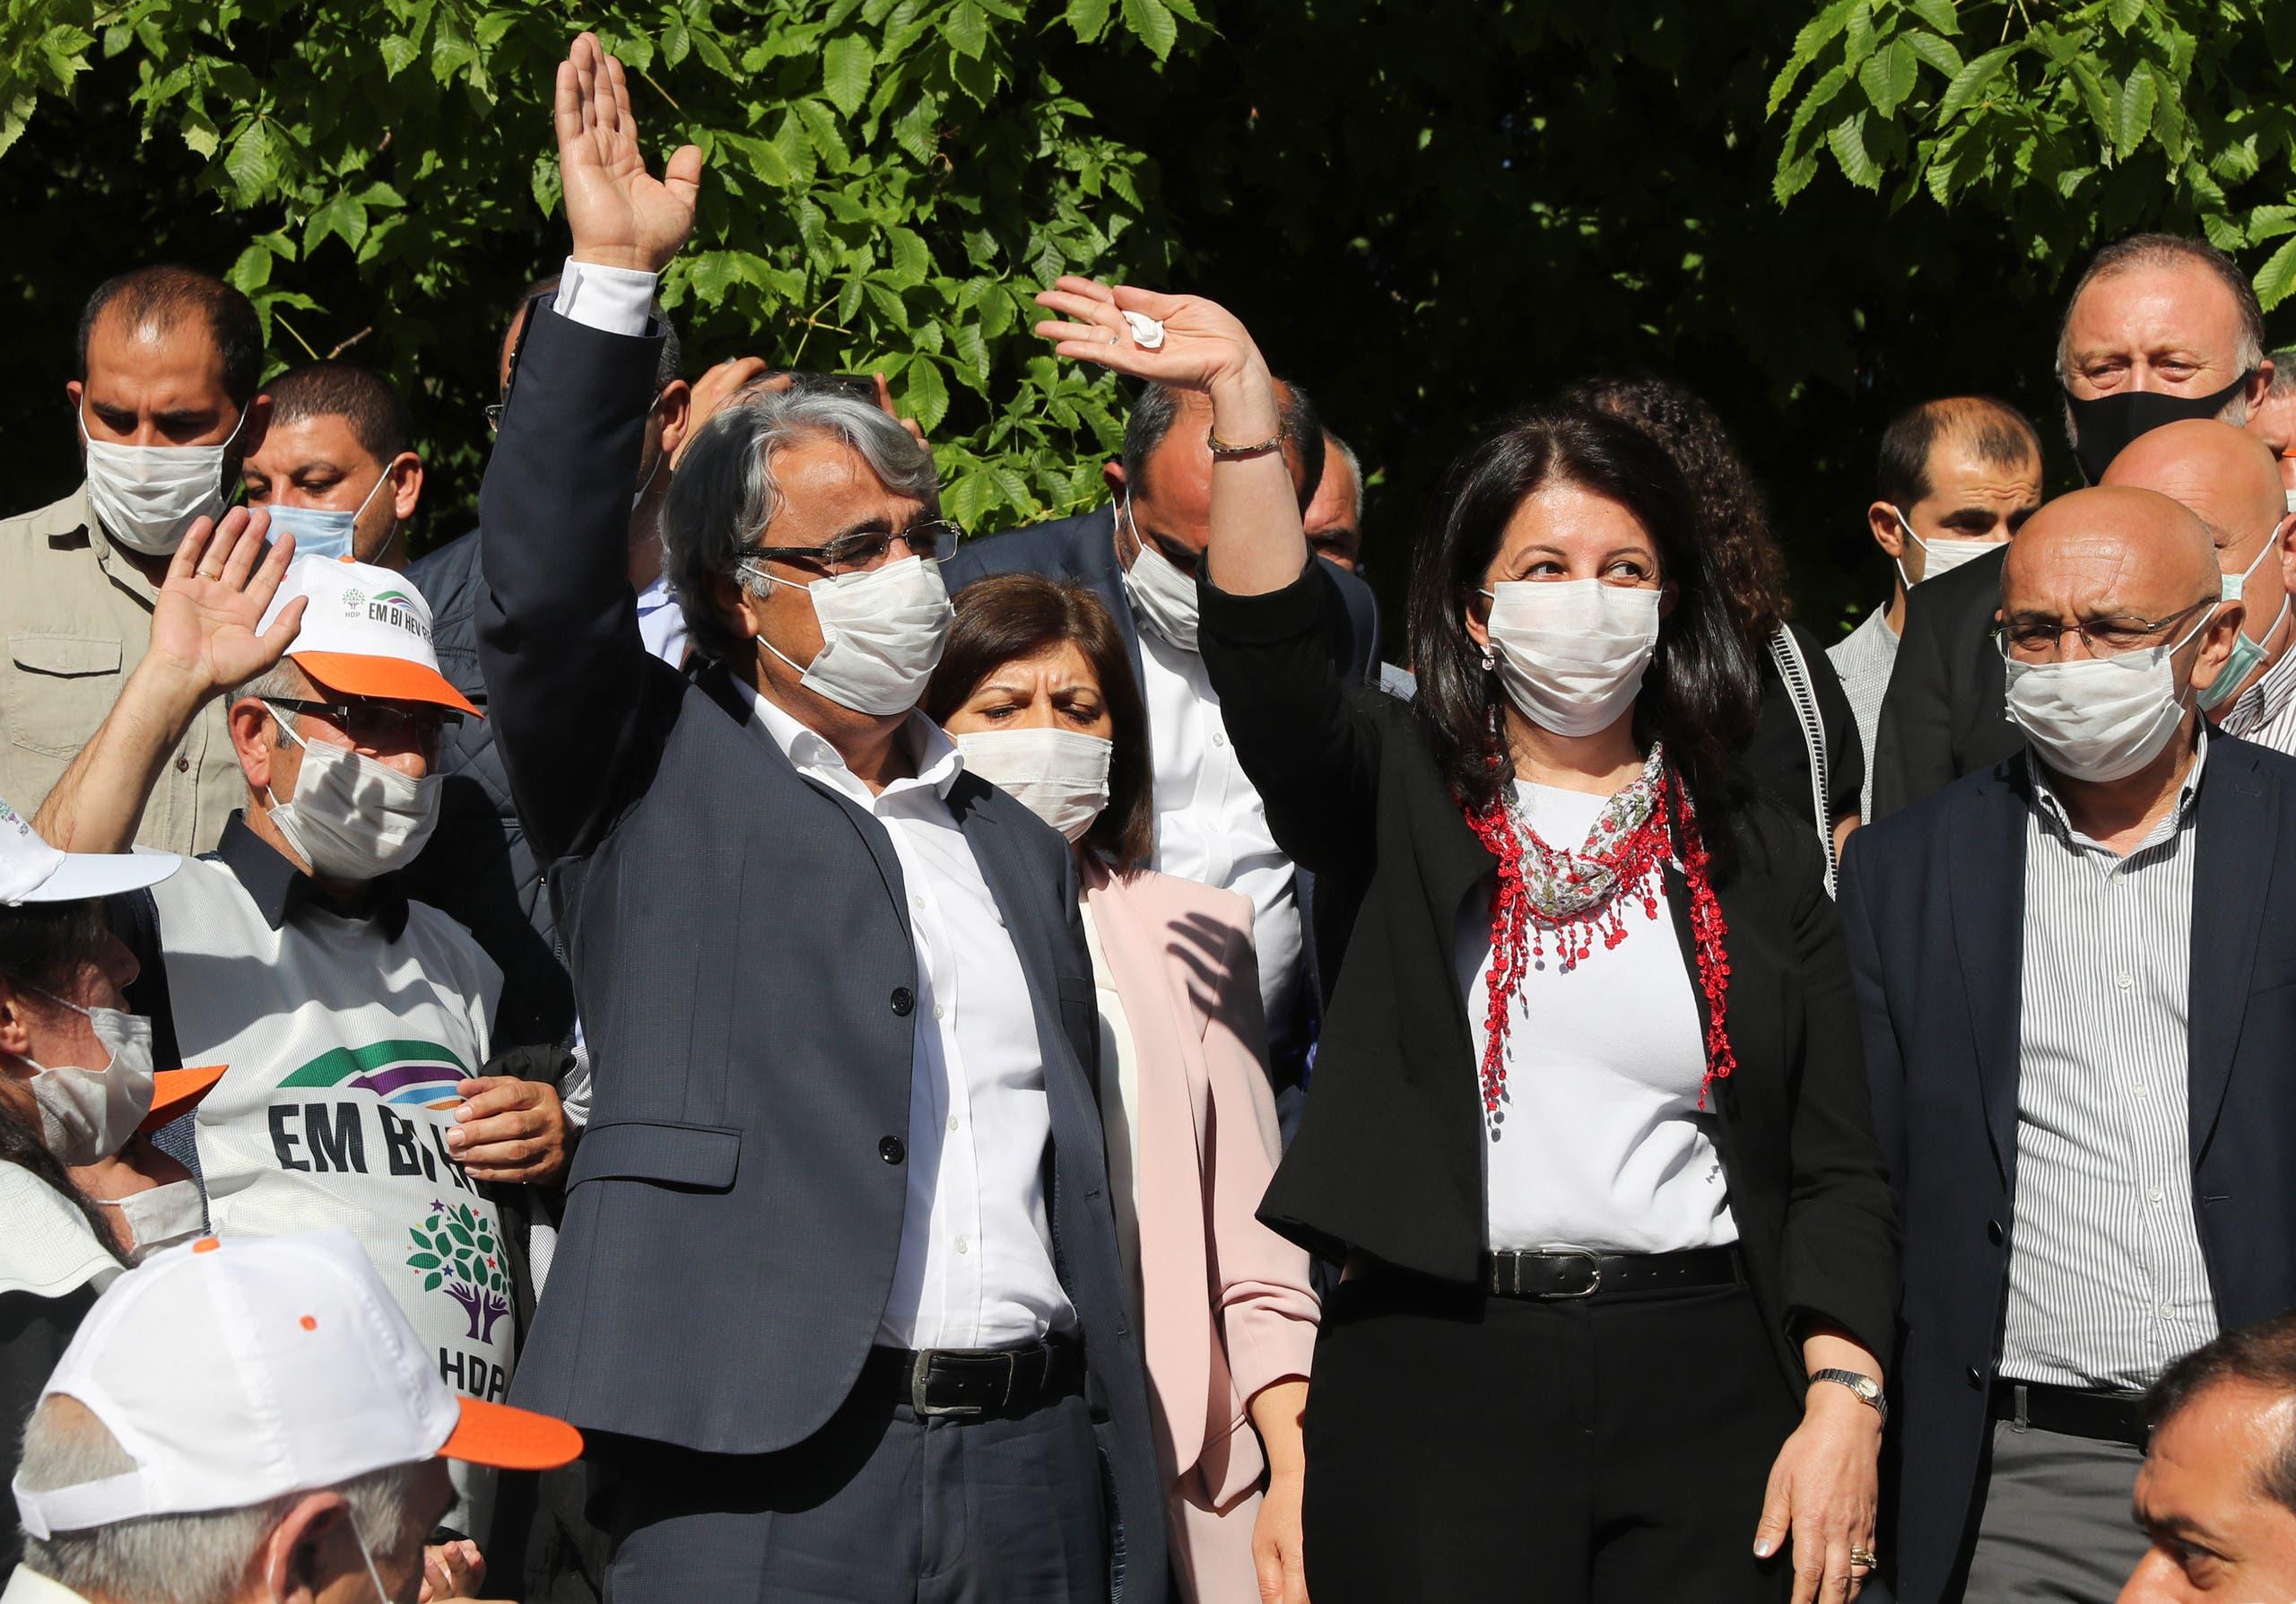 من مسيرة لحزب الشعوب الديمقراطي المعارض في تركيا (أرشيفية - فرانس برس)